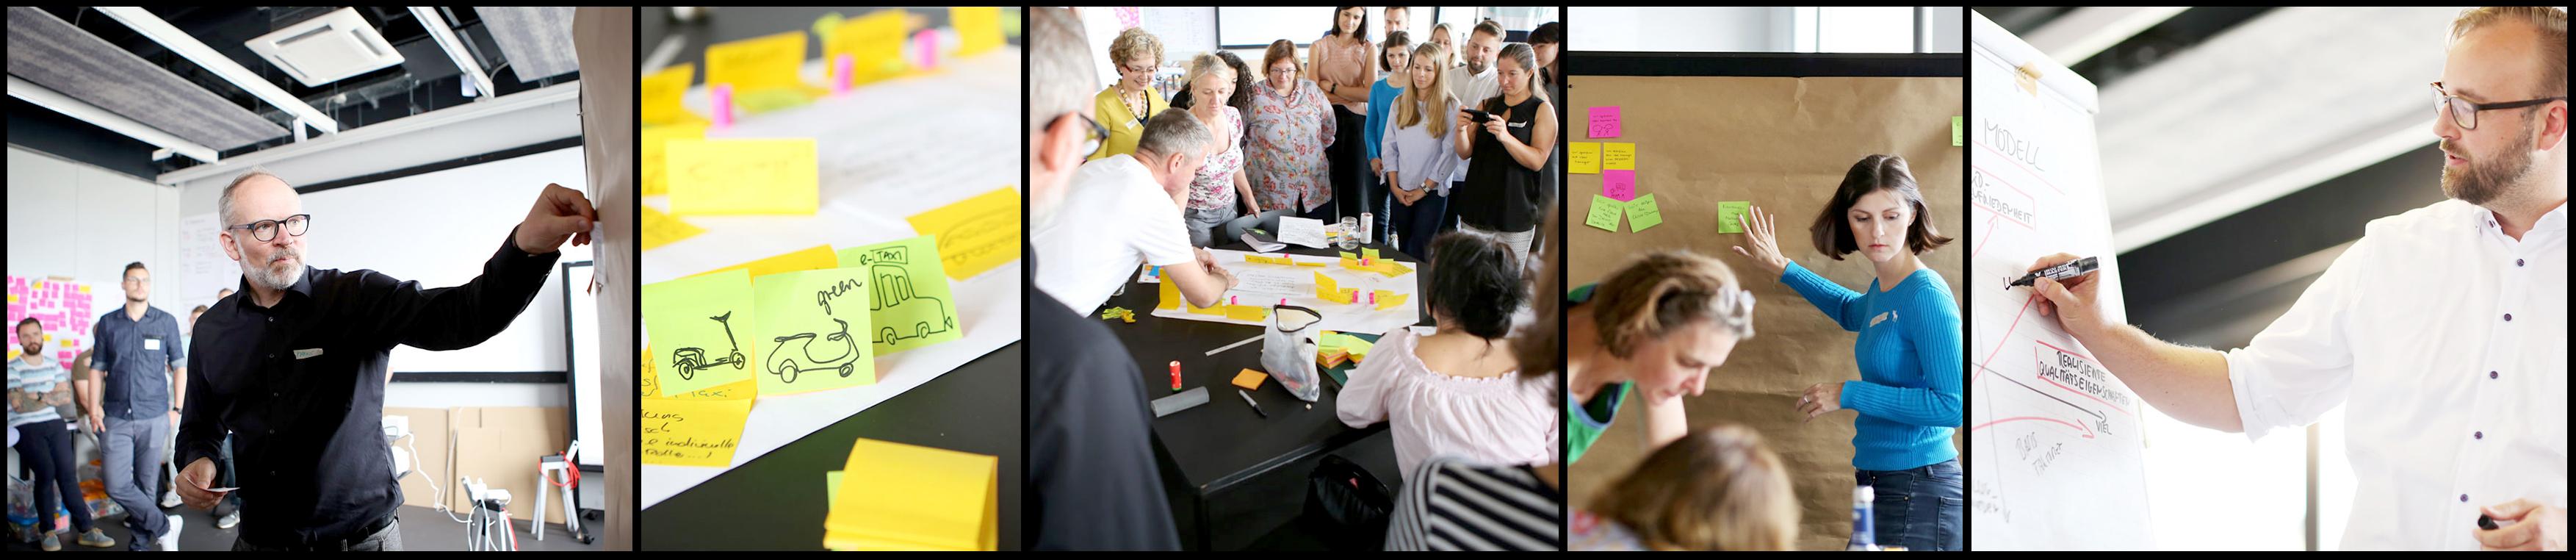 Eine Fotoleiste zu unseren Essentials: strategisches Vorgehen trifft intuitive Werkzeuge in einem co-kreativen Prozess